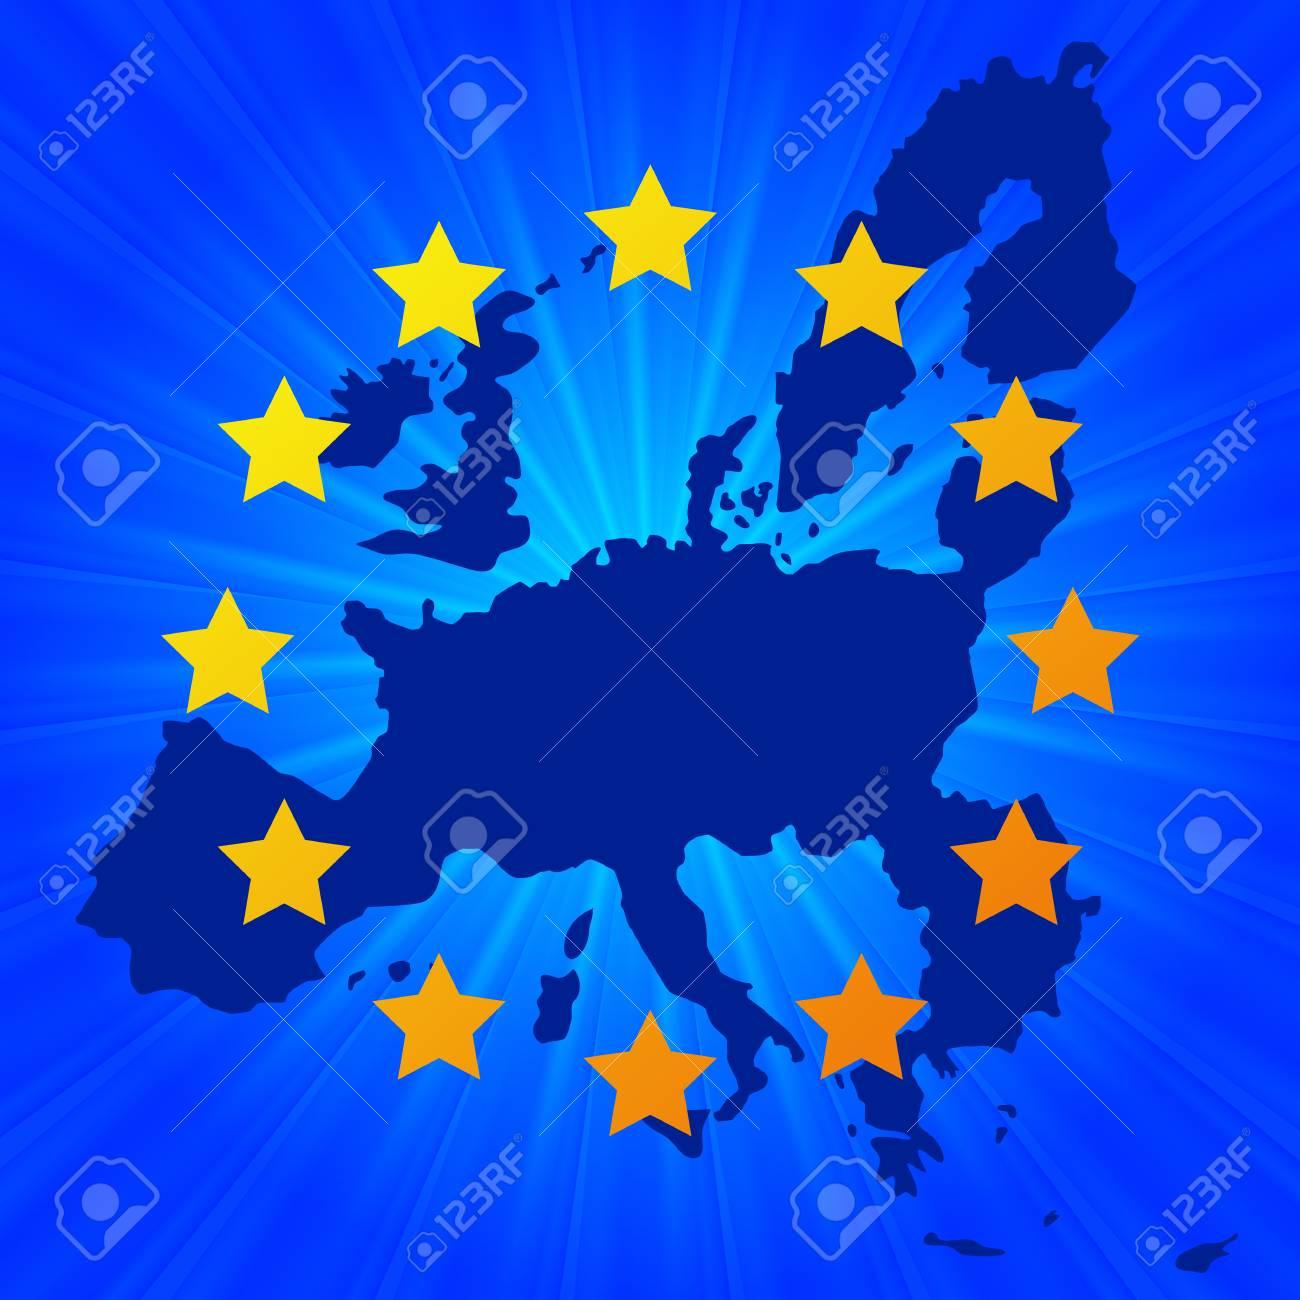 ヨーロッパ連合は、輝く星の背景...